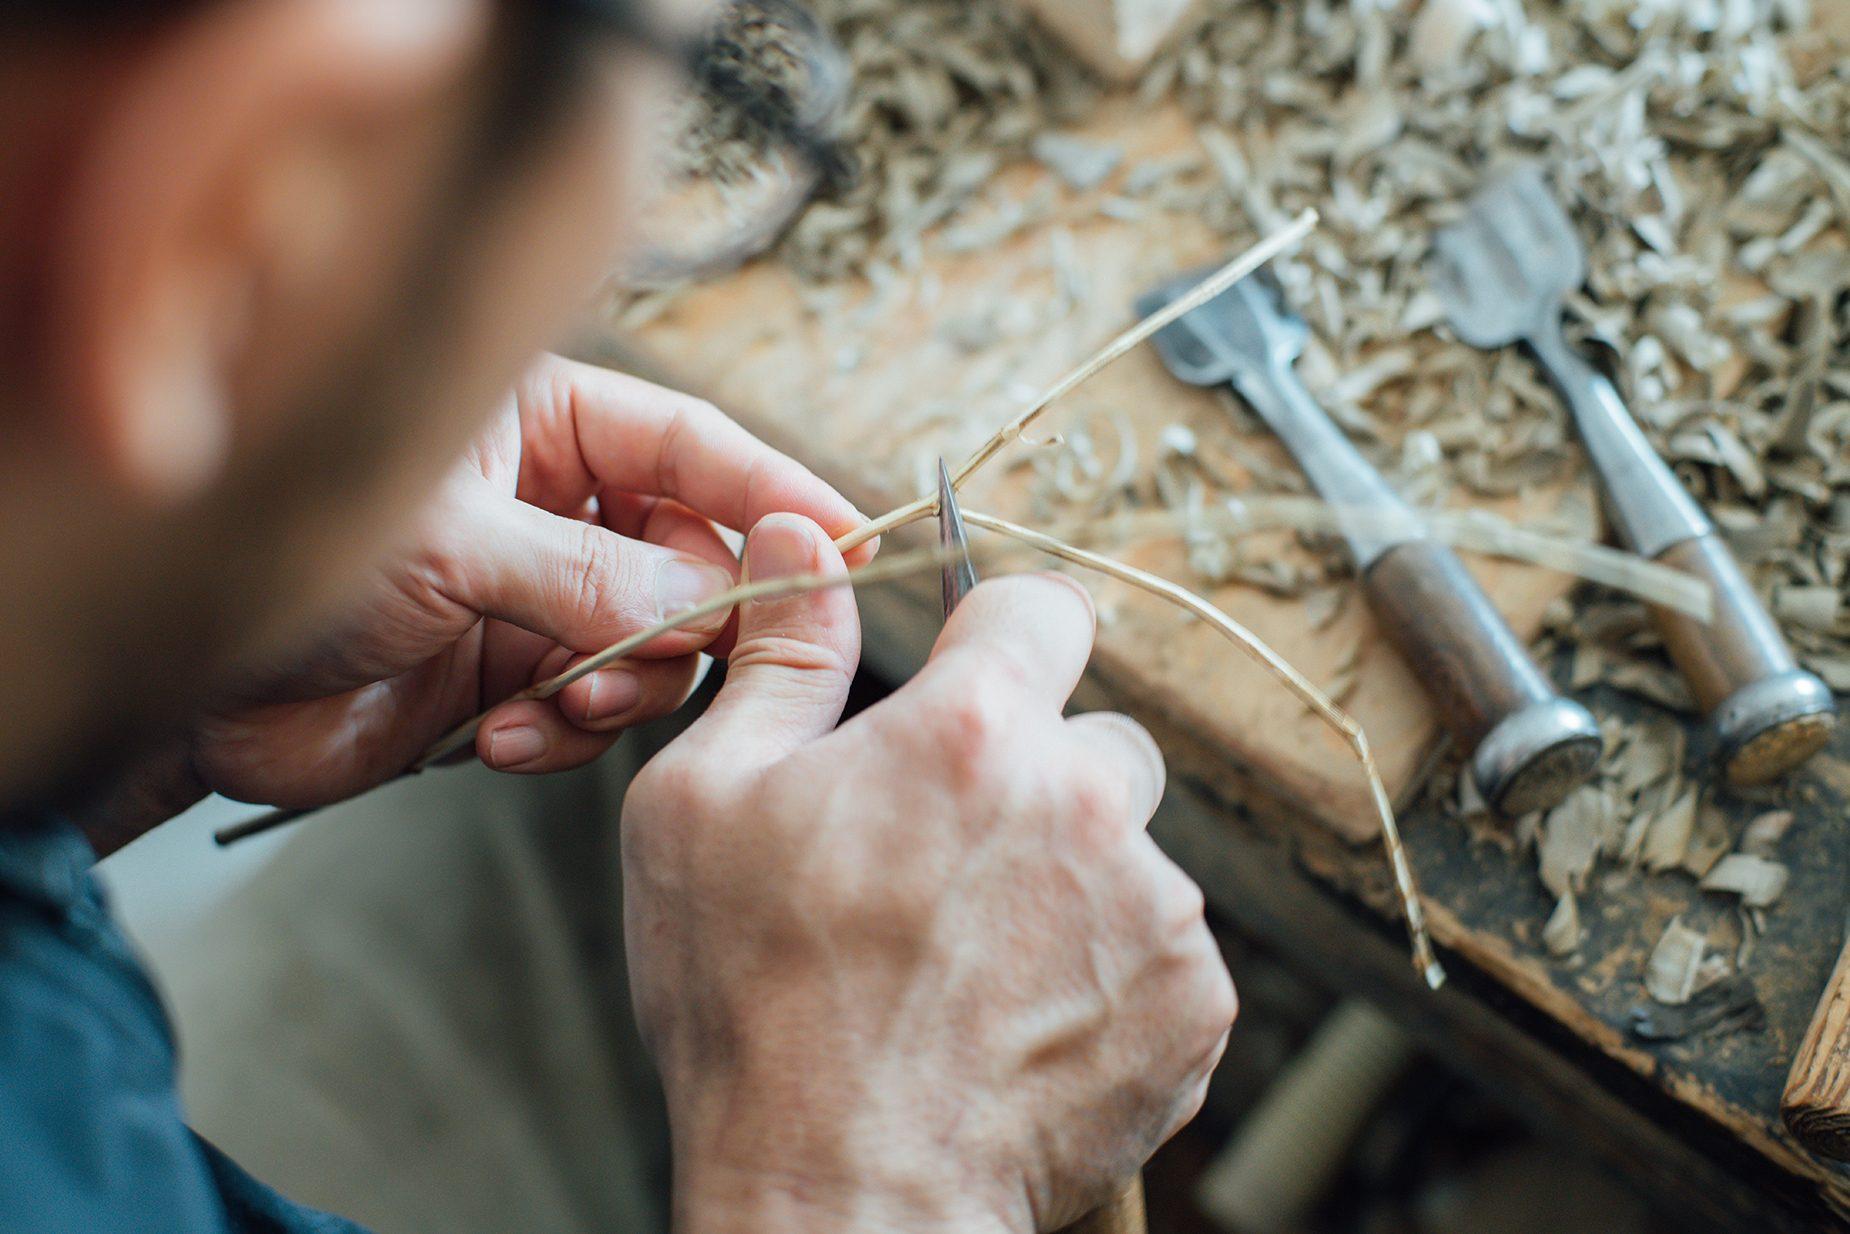 仕上げの作業は細やか。手斧を振り下ろす体の大きな動きとは相反する。最近はより繊細な枝を使った作品も。